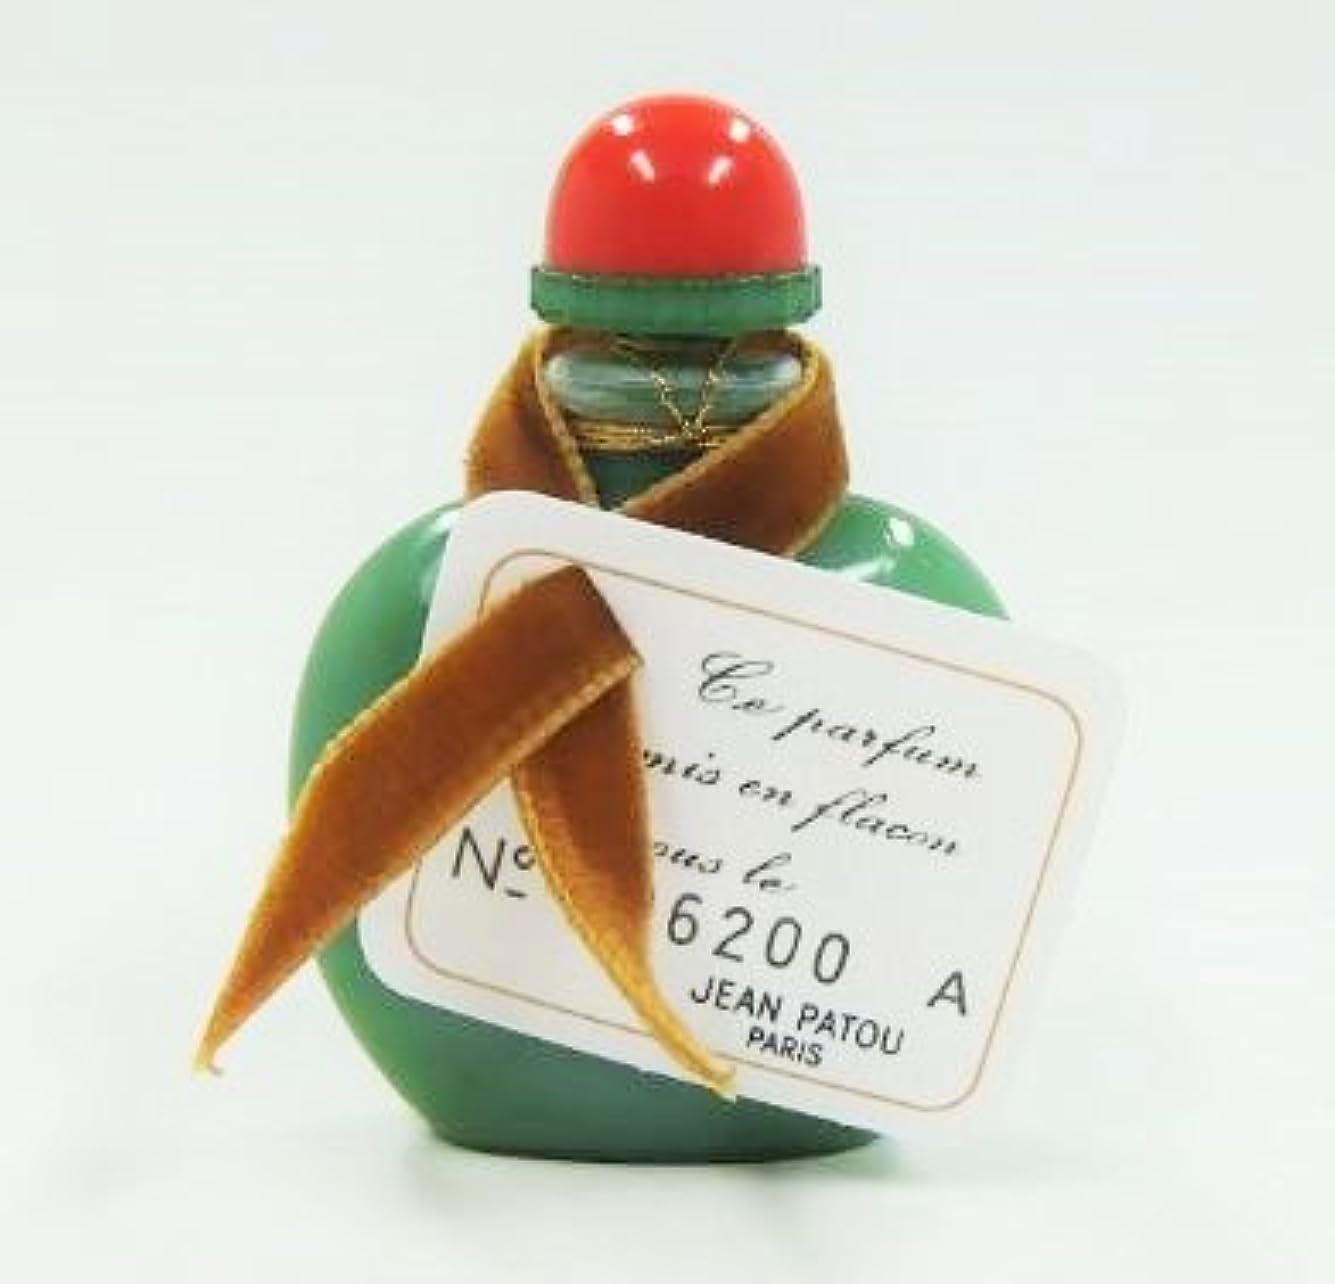 近代化するカフェ成人期【箱無し】 JEAN PATOU ジャンパトゥ ミル 1000 パルファム 7ml (並行輸入) Parfum